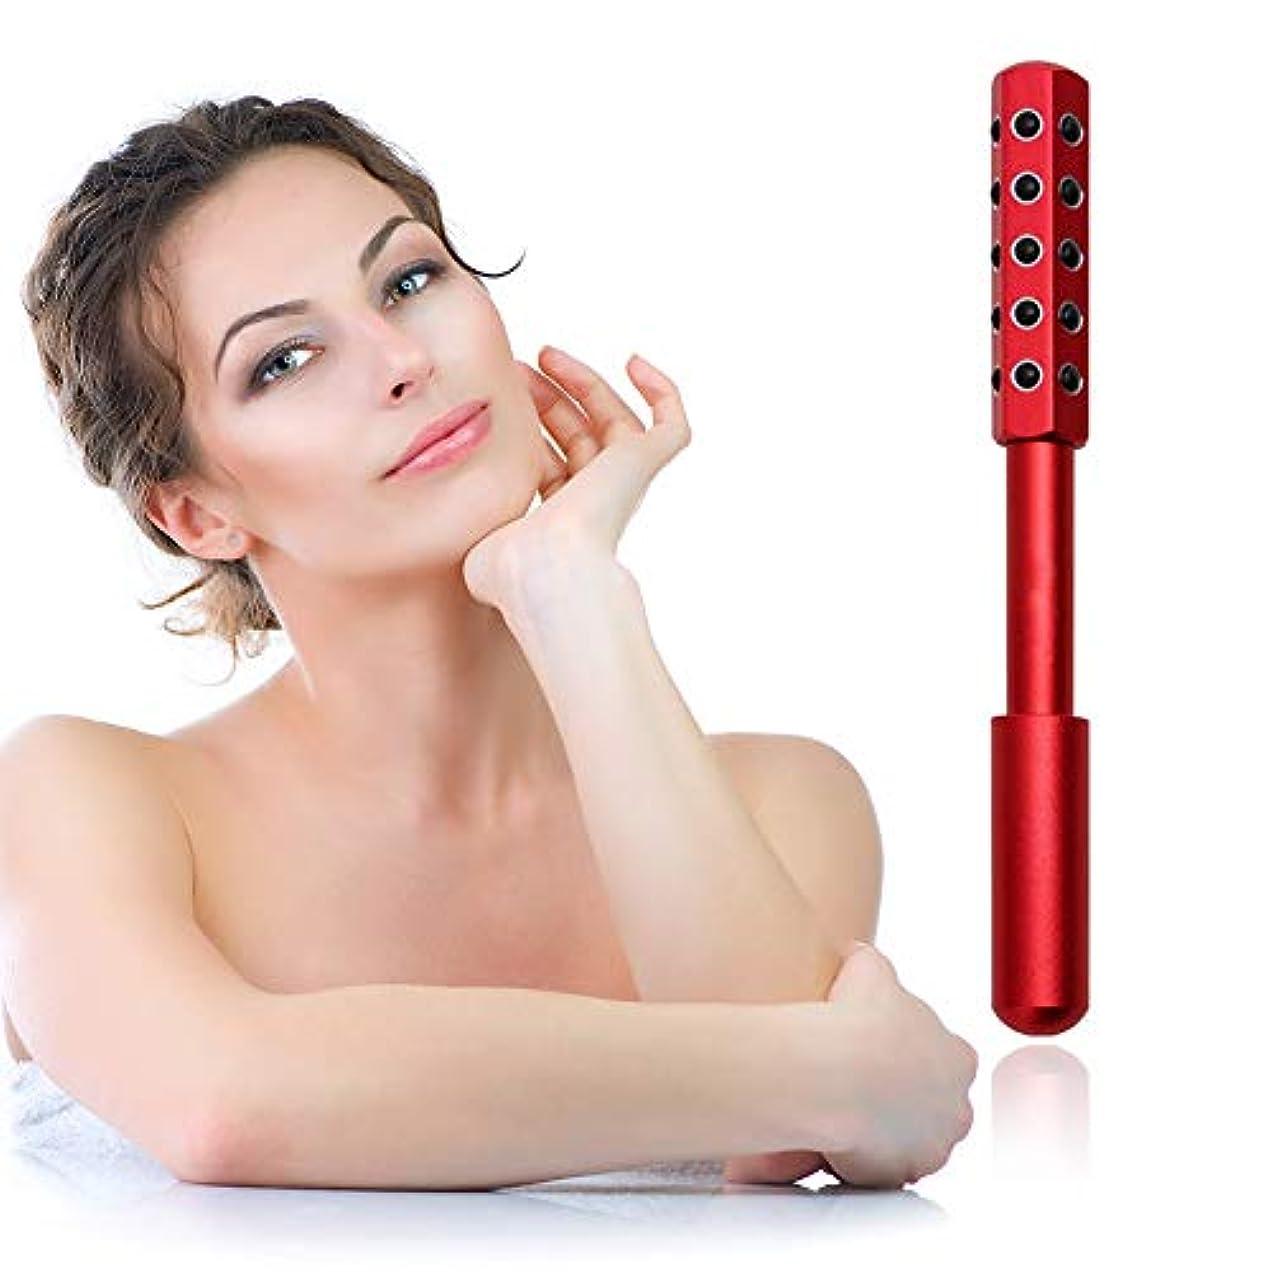 処理飼い慣らすイタリック顔と体のためのゲルマニウムマッサージ美容ローラーは、血液の循環を促進し、皮膚の引き締め、毒素、皮膚の抗しわをクリア